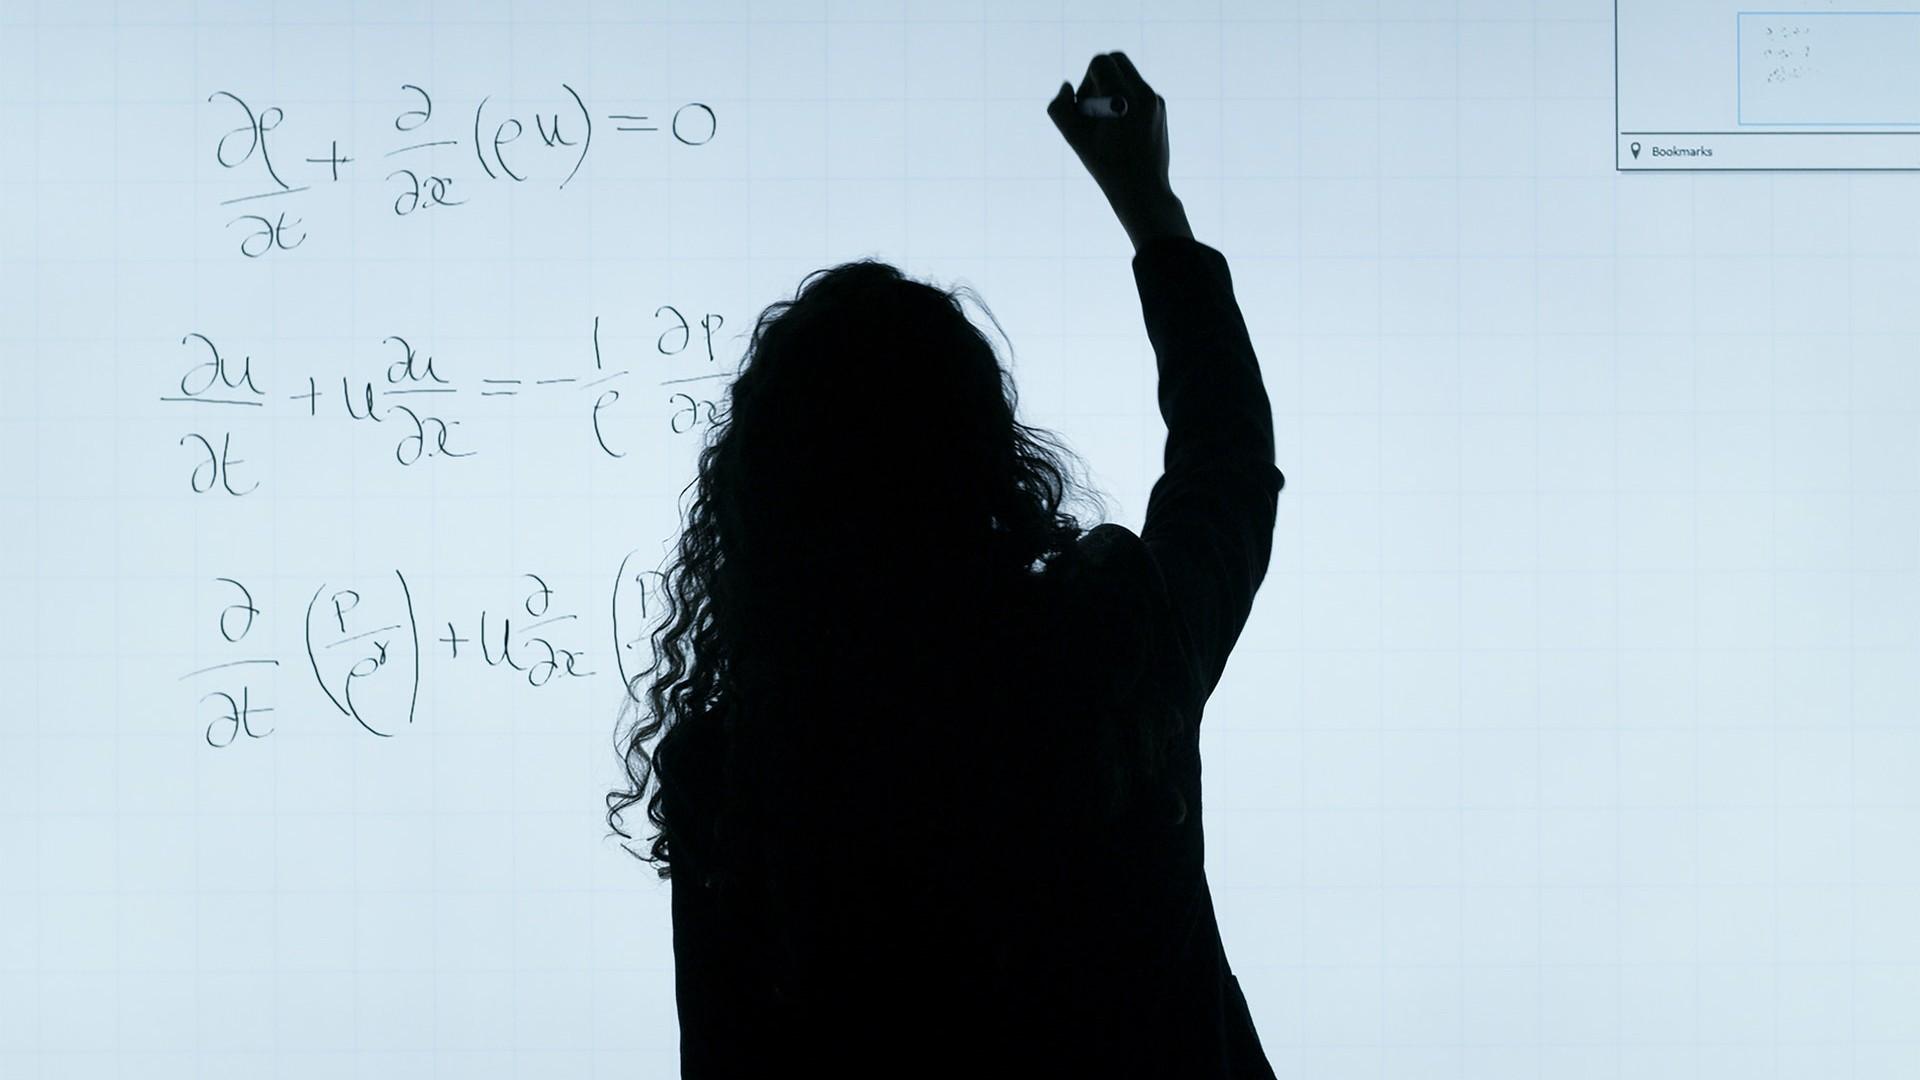 Sexisme dans le milieu scientifique : une lettre ouverte s'oppose à une étude rétrograde